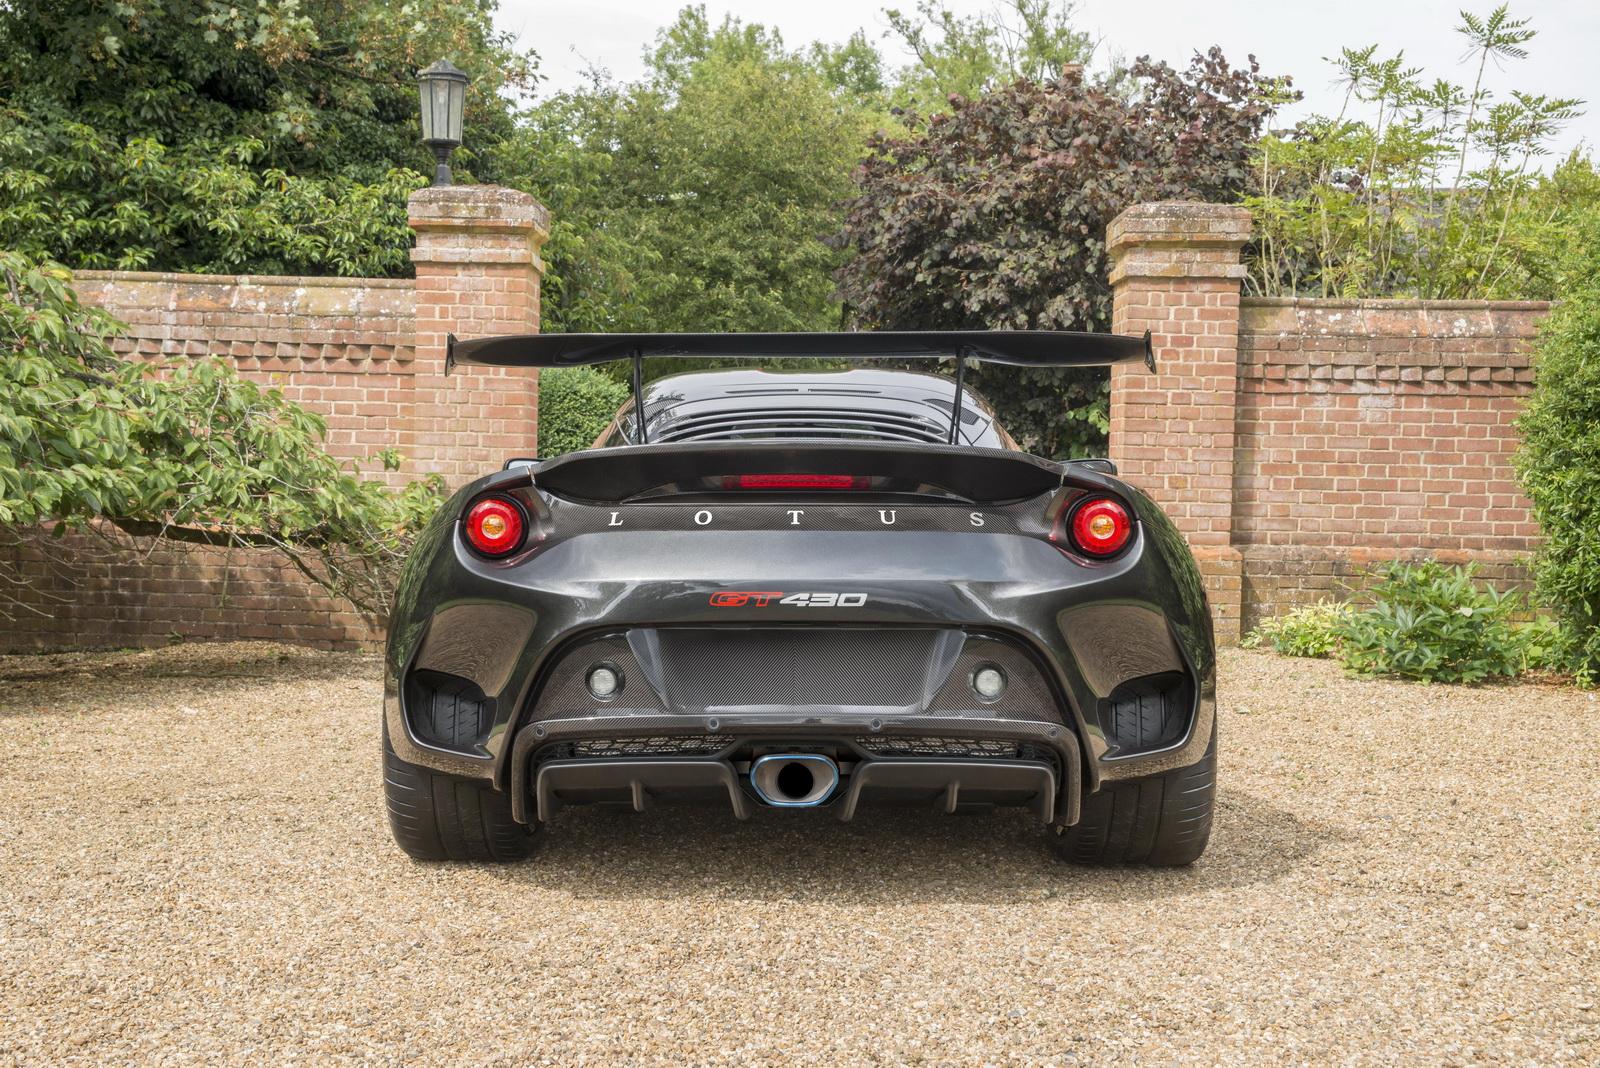 Lotus-Evora-GT430-02